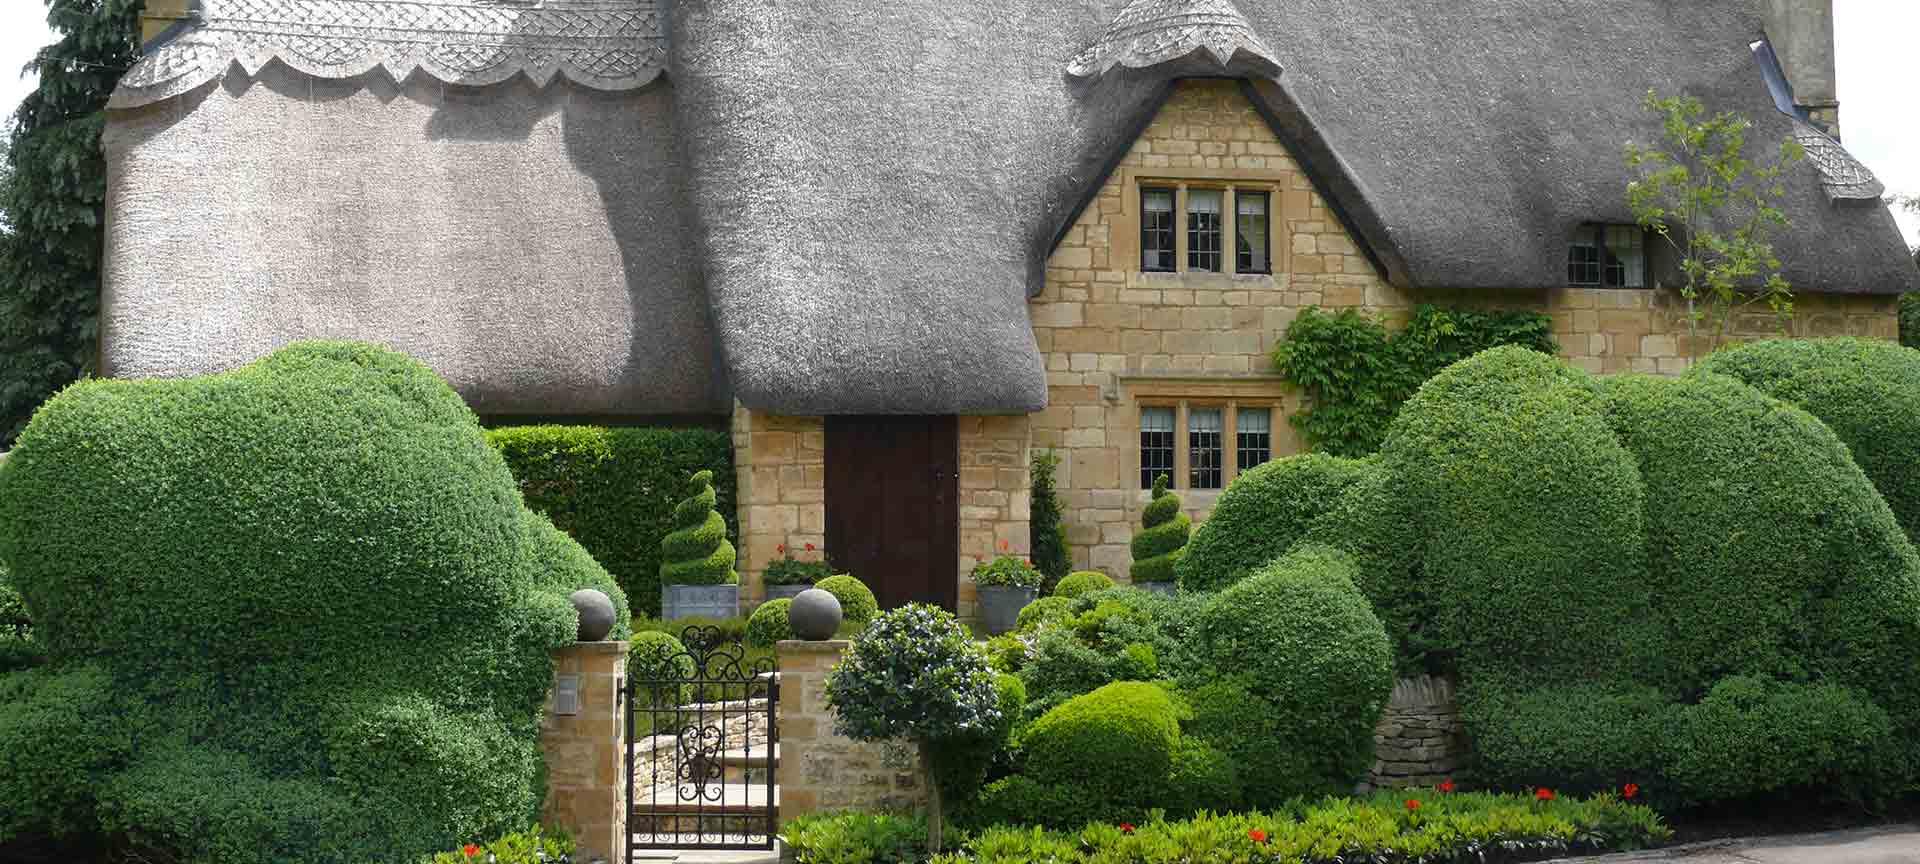 Cotswolds Le Doux Jardin De L 39 Angleterre